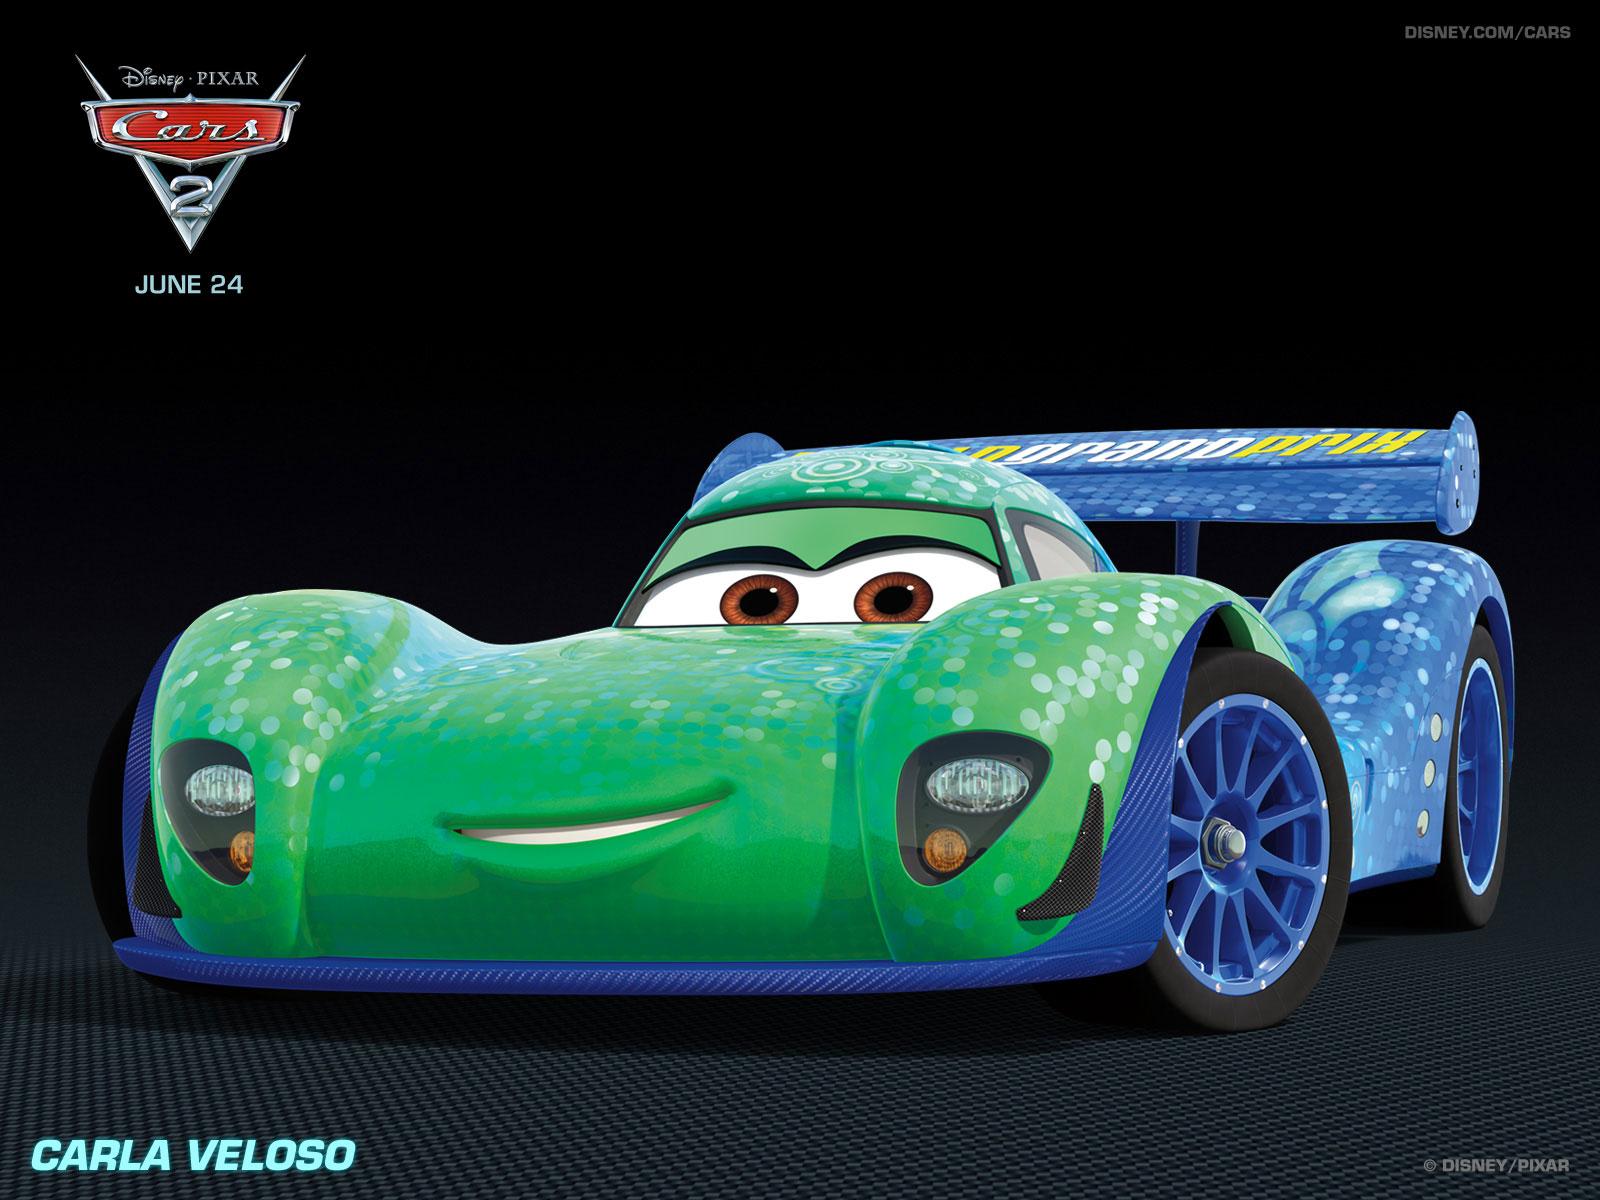 http://1.bp.blogspot.com/-RYK3mfYEHrU/Tvbe-NFOJsI/AAAAAAAACGo/xusYMYuoVmQ/s1600/Cars-2-Wallpaper-24.jpg